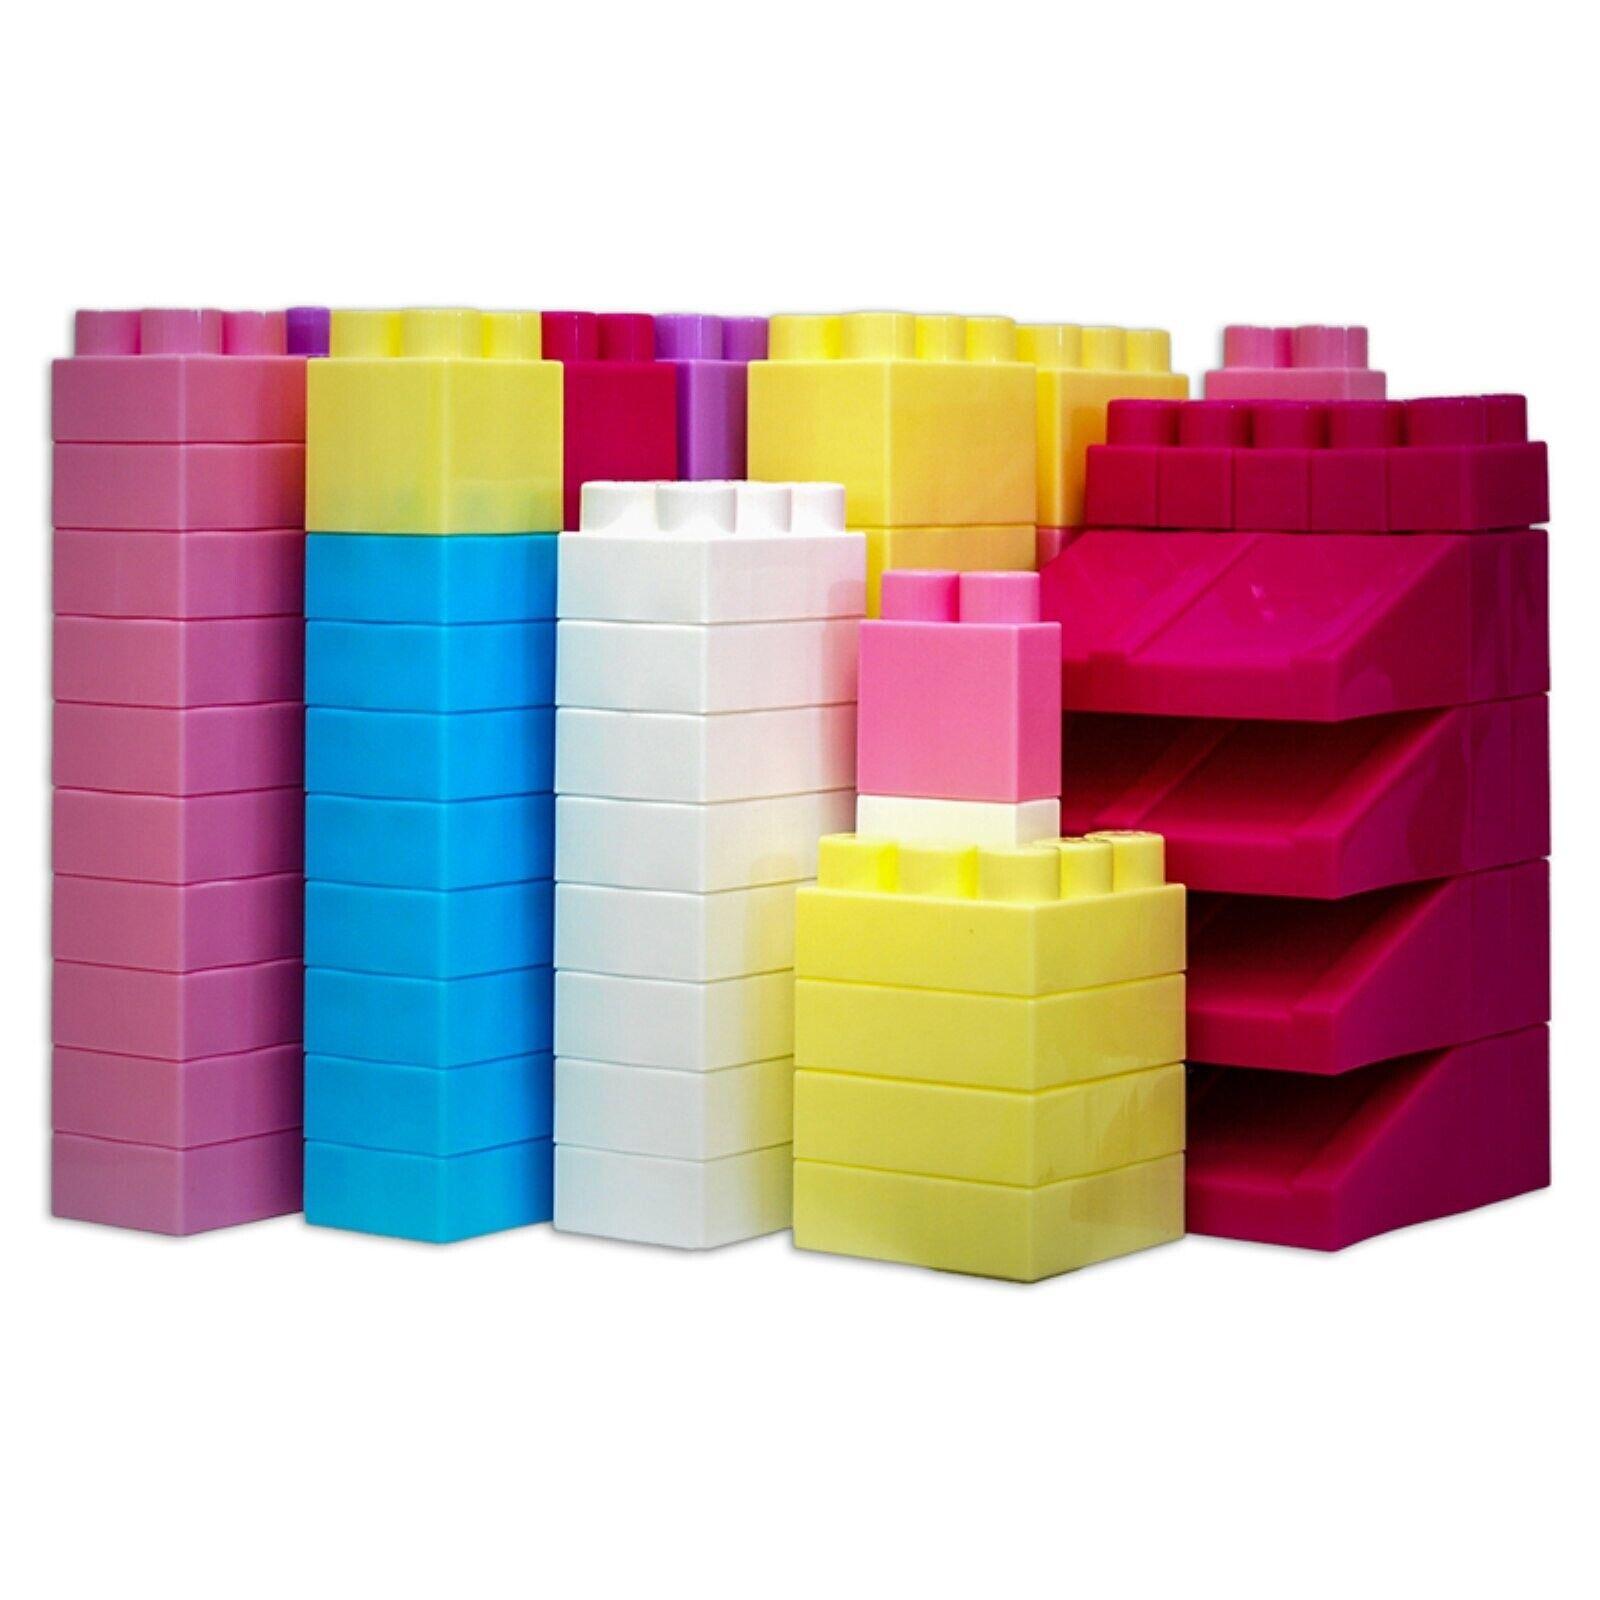 Mighty Big Blocks Set Assorted Größes, 100-Piece